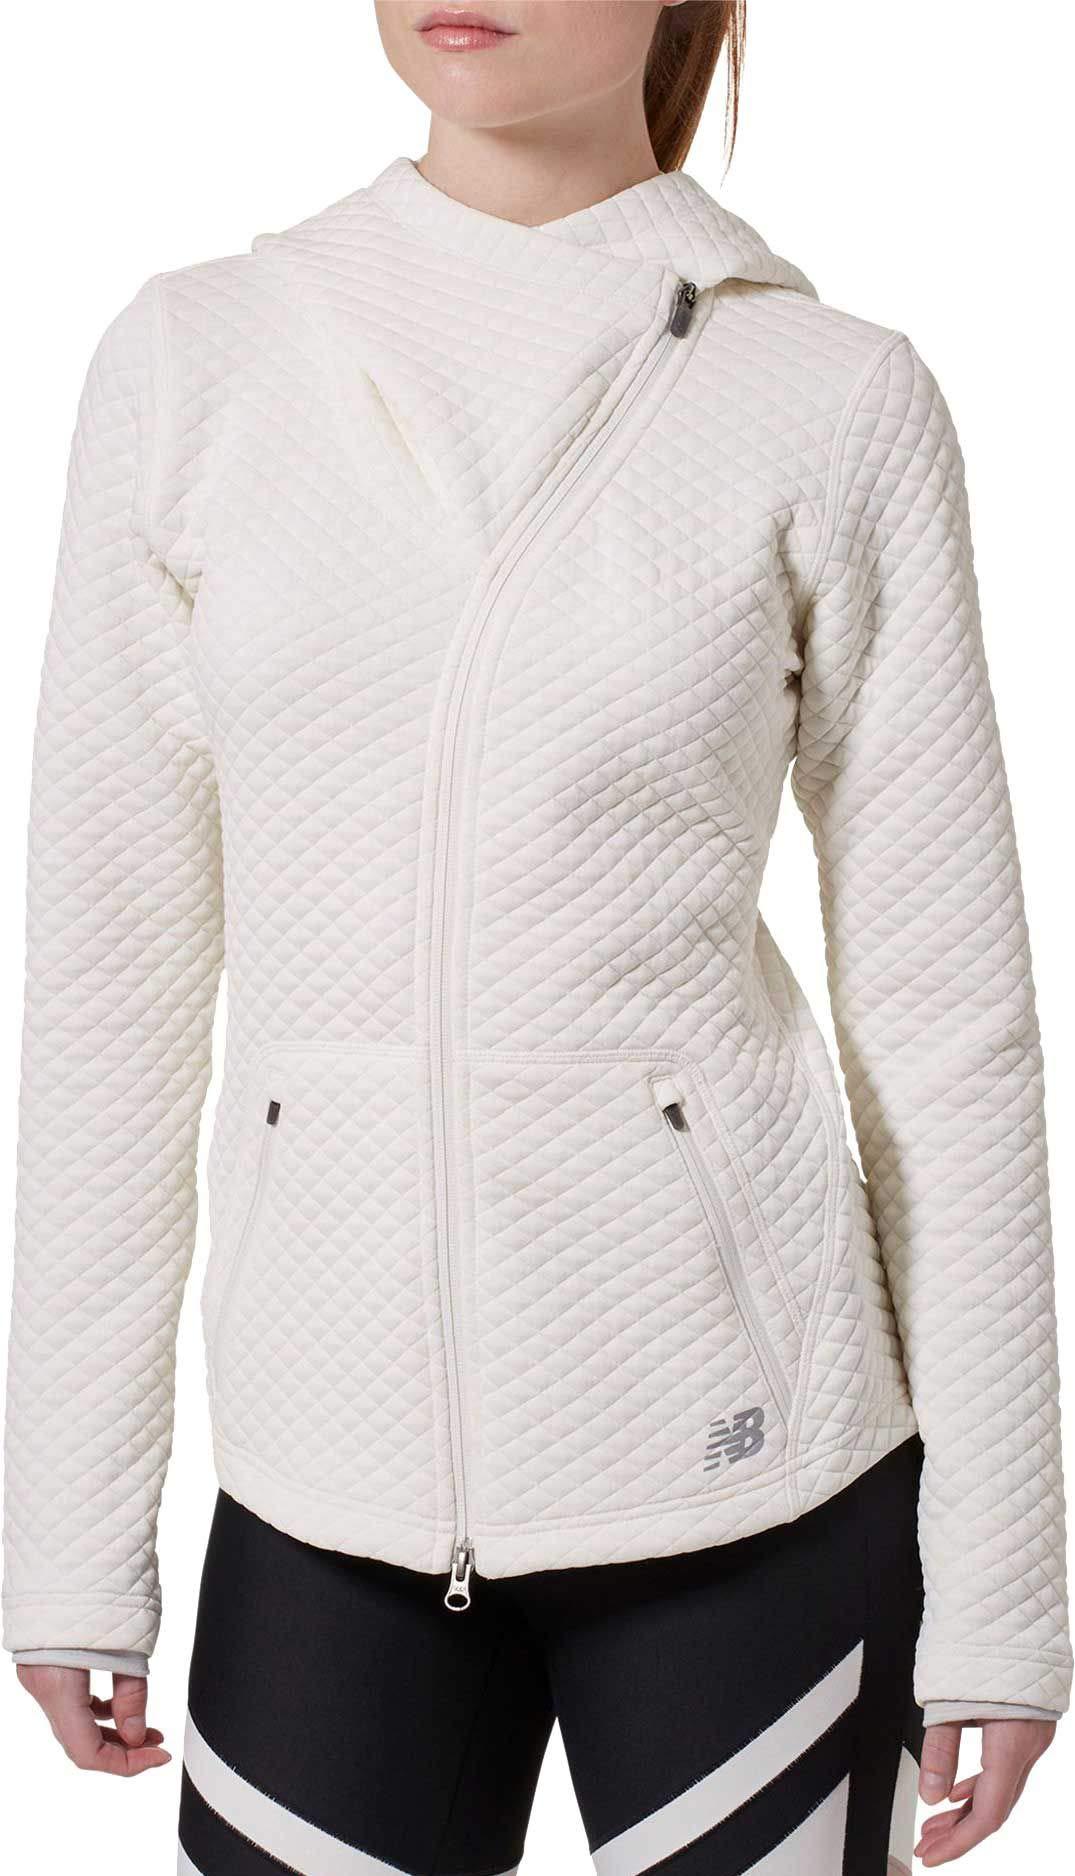 New Balance Women's Heat Loft Asymmetrical Full-Zip Jacket (XS, Ivory)